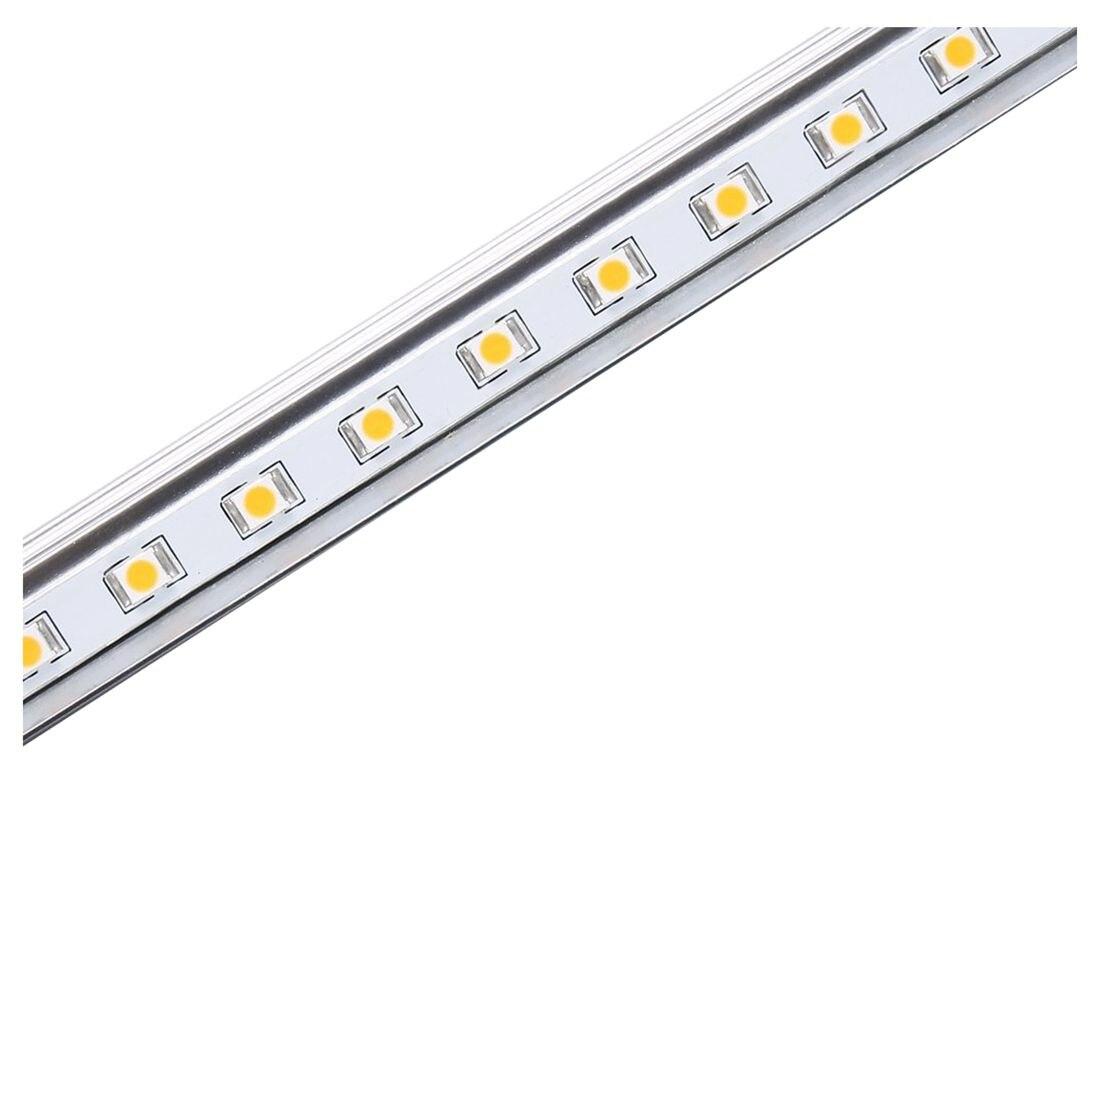 LED 300X300 12W igual a 36W bombilla fluorescente blanco cálido (3000 K) Lámpara de Panel de techo cuadrado Ultraslim luz con aluminio F